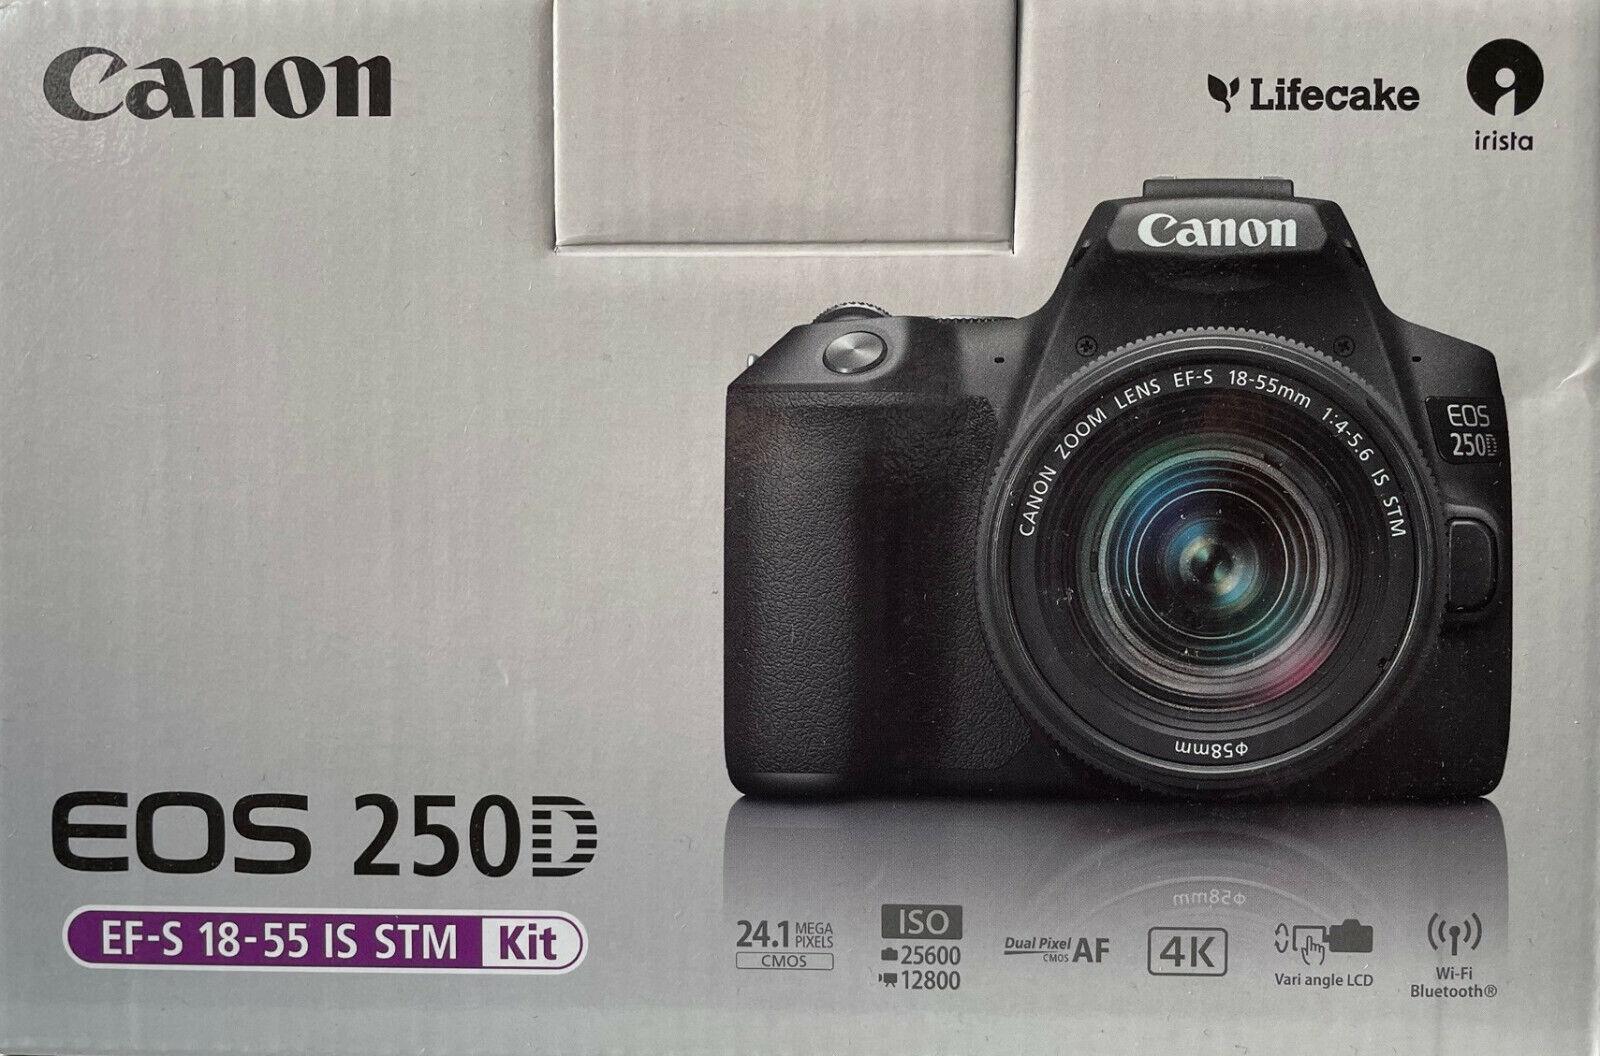 Canon EOS 250D Kit 18-55mm Objektiv IS STM Spiegelreflexkamera 24.1MP 4K Full HD